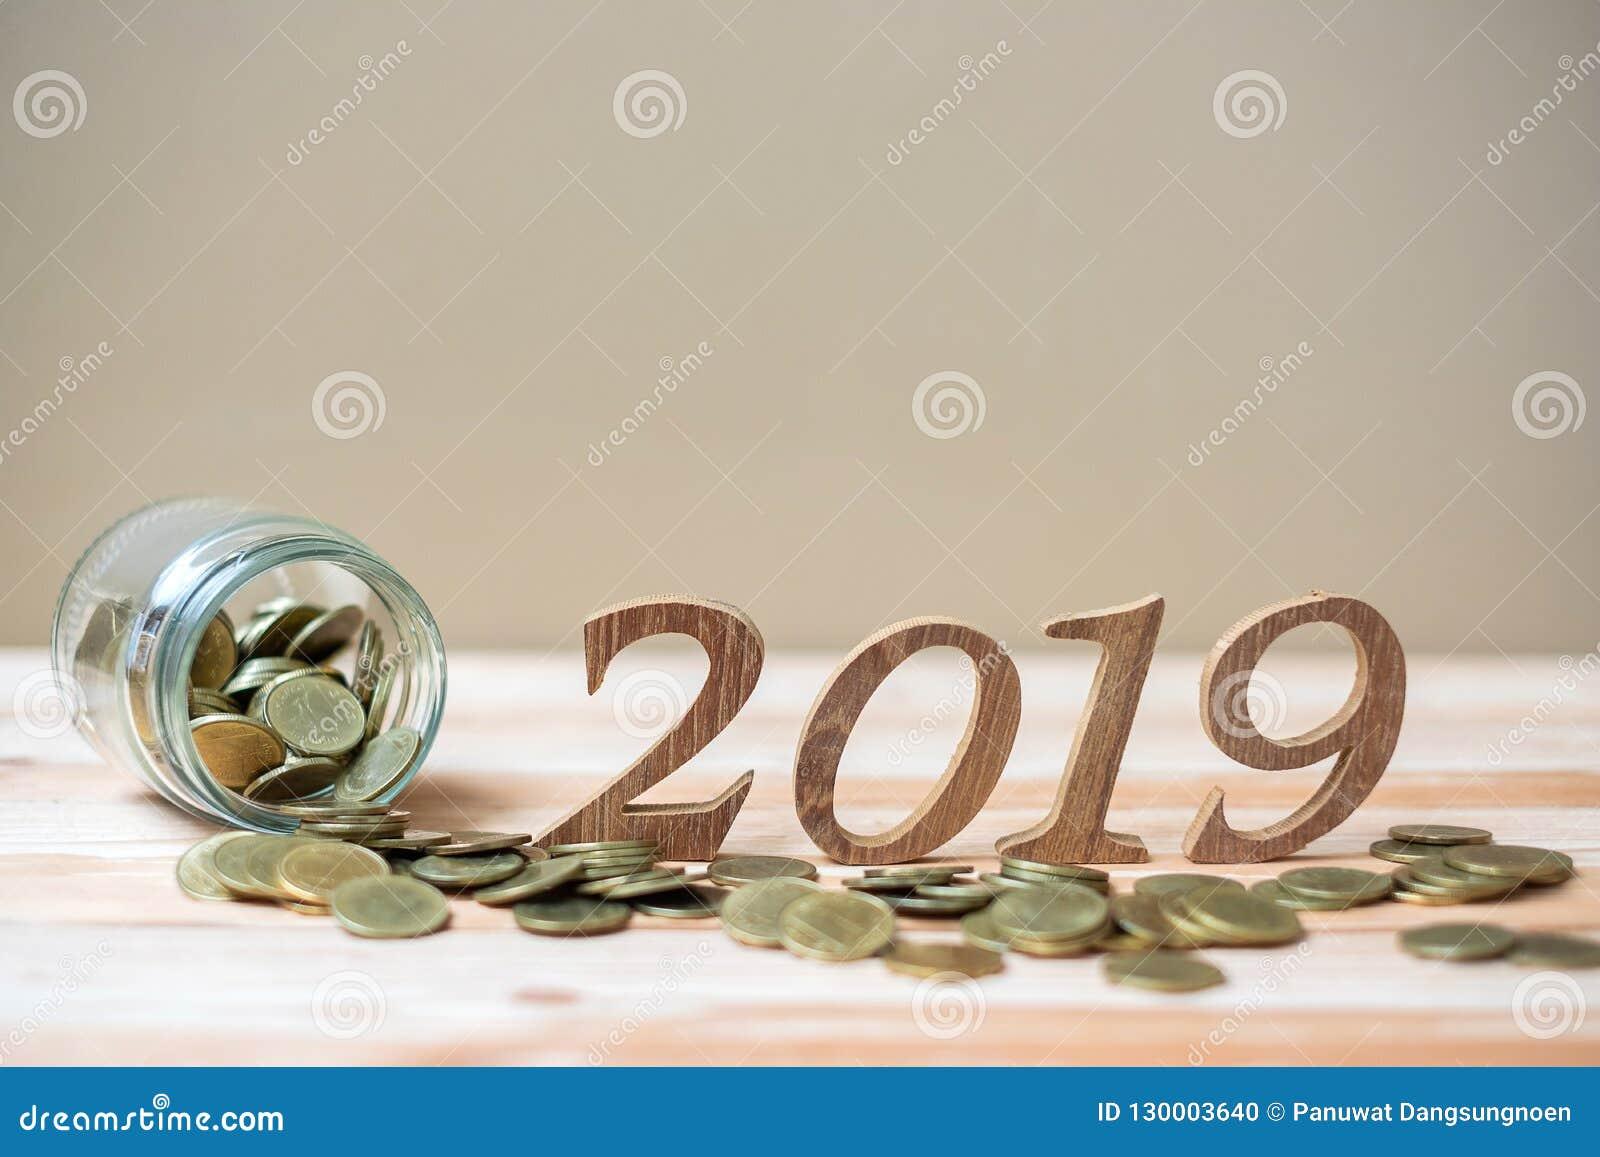 2019 καλή χρονιά με το χρυσό σωρό νομισμάτων και ξύλινος αριθμός στον πίνακα επιχείρηση, επένδυση, προγραμματισμός αποχώρησης, χρ